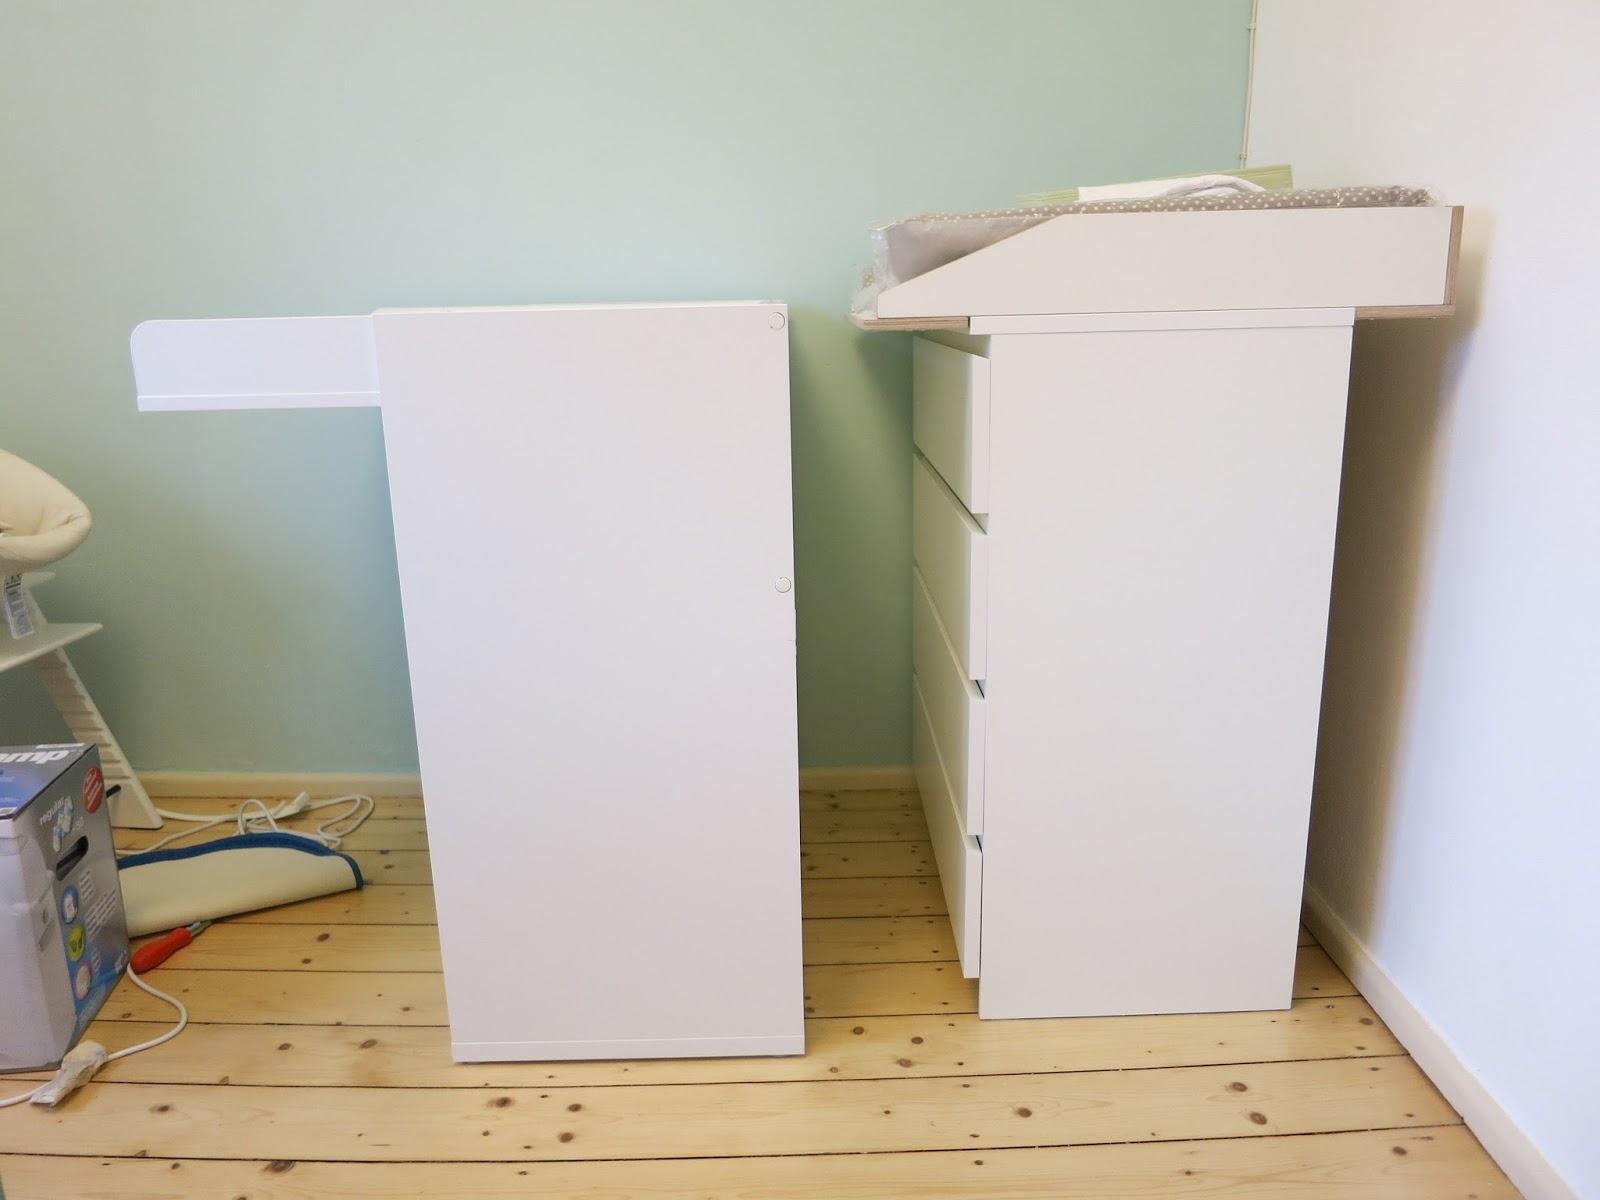 ikea malm wickelkommode statt extra wickeltisch wickelaufs tze f r ikea kommoden kagu. Black Bedroom Furniture Sets. Home Design Ideas